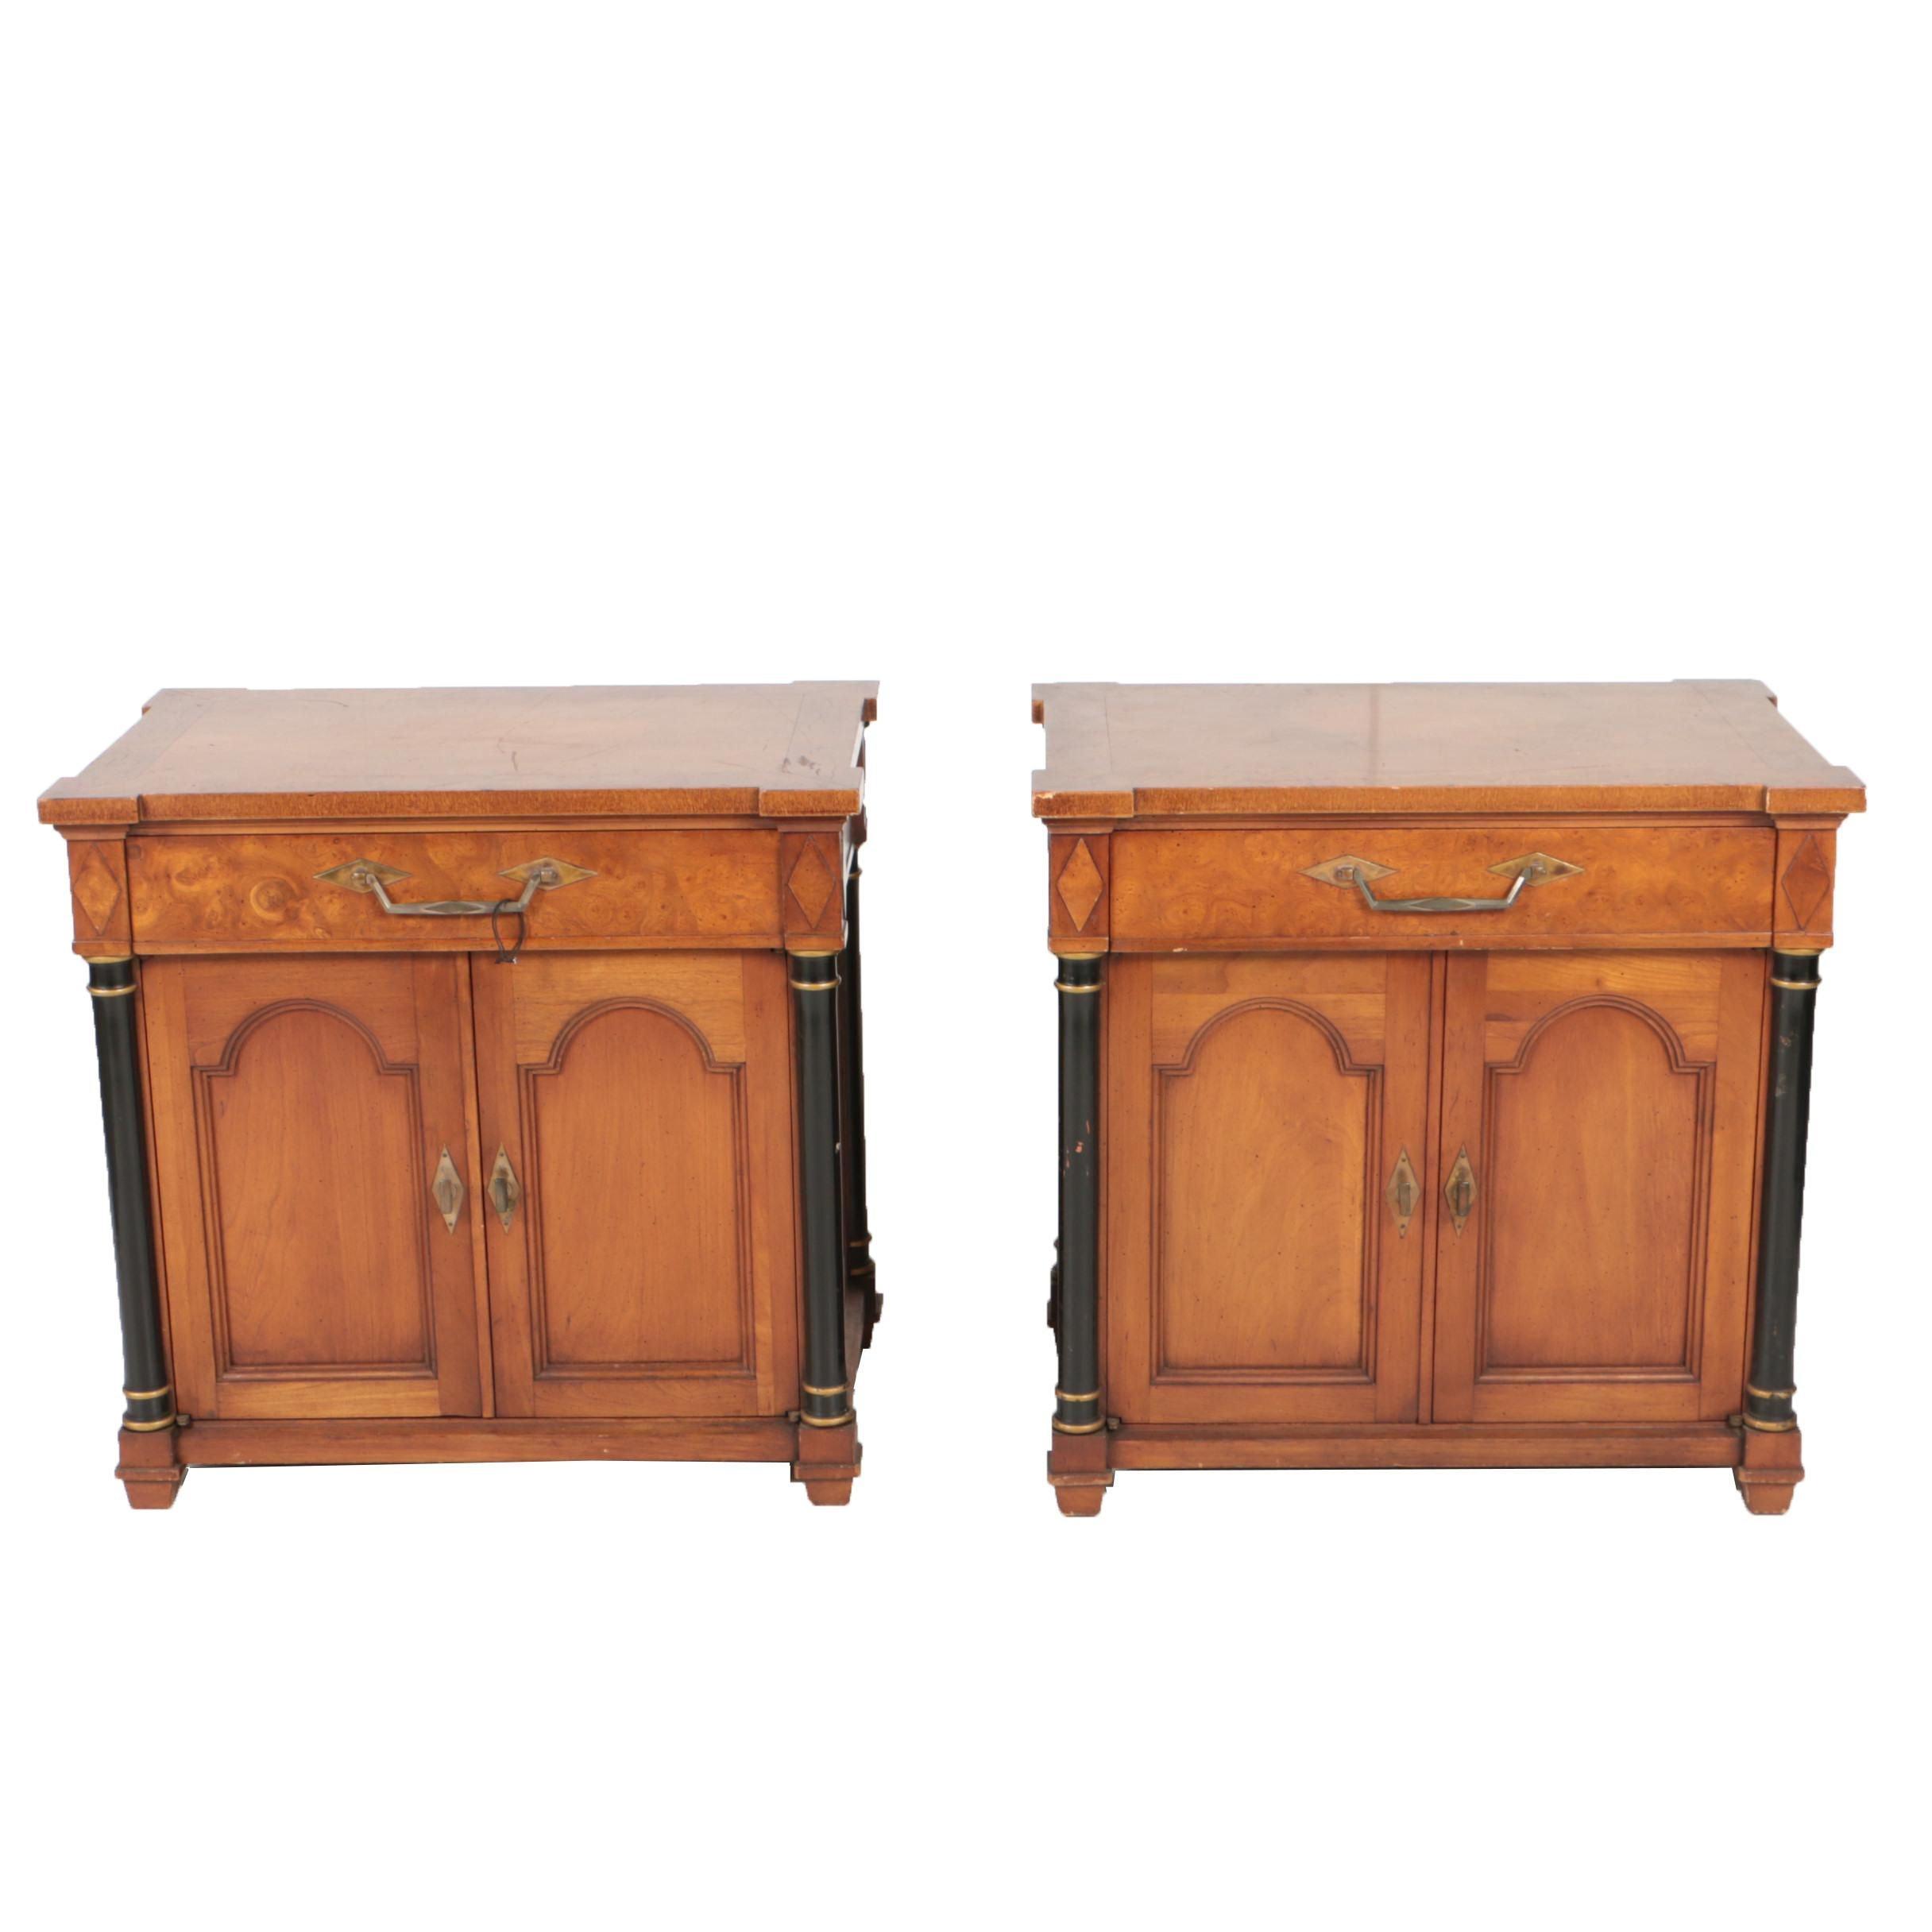 Pair of Vintage Biedermeier Style Elm Bedside Chests